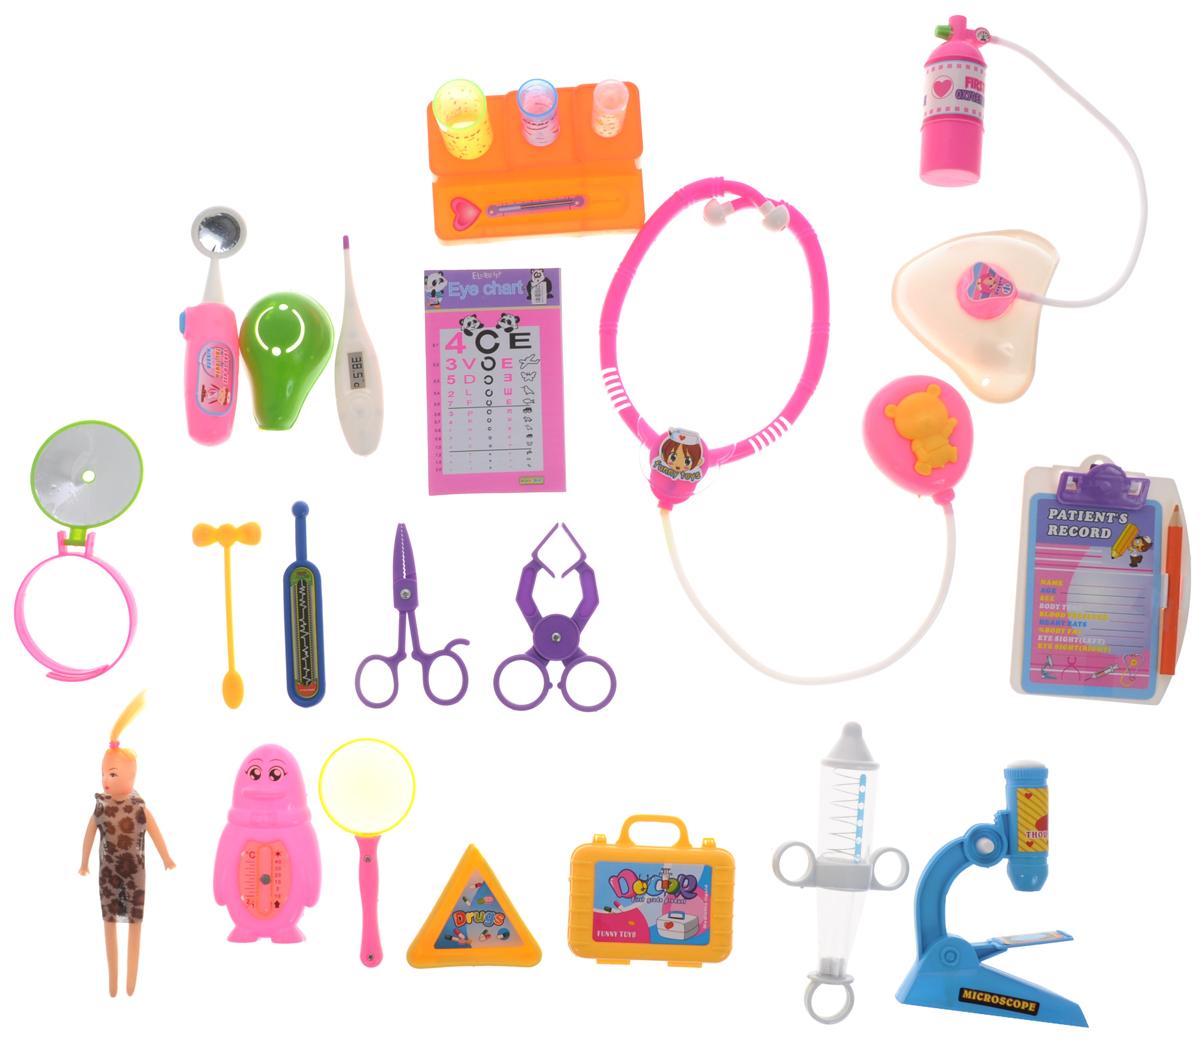 Купить Junfa Toys Игровой набор My Family Doctor 23 предмета, Junfa Toys Ltd, Сюжетно-ролевые игрушки